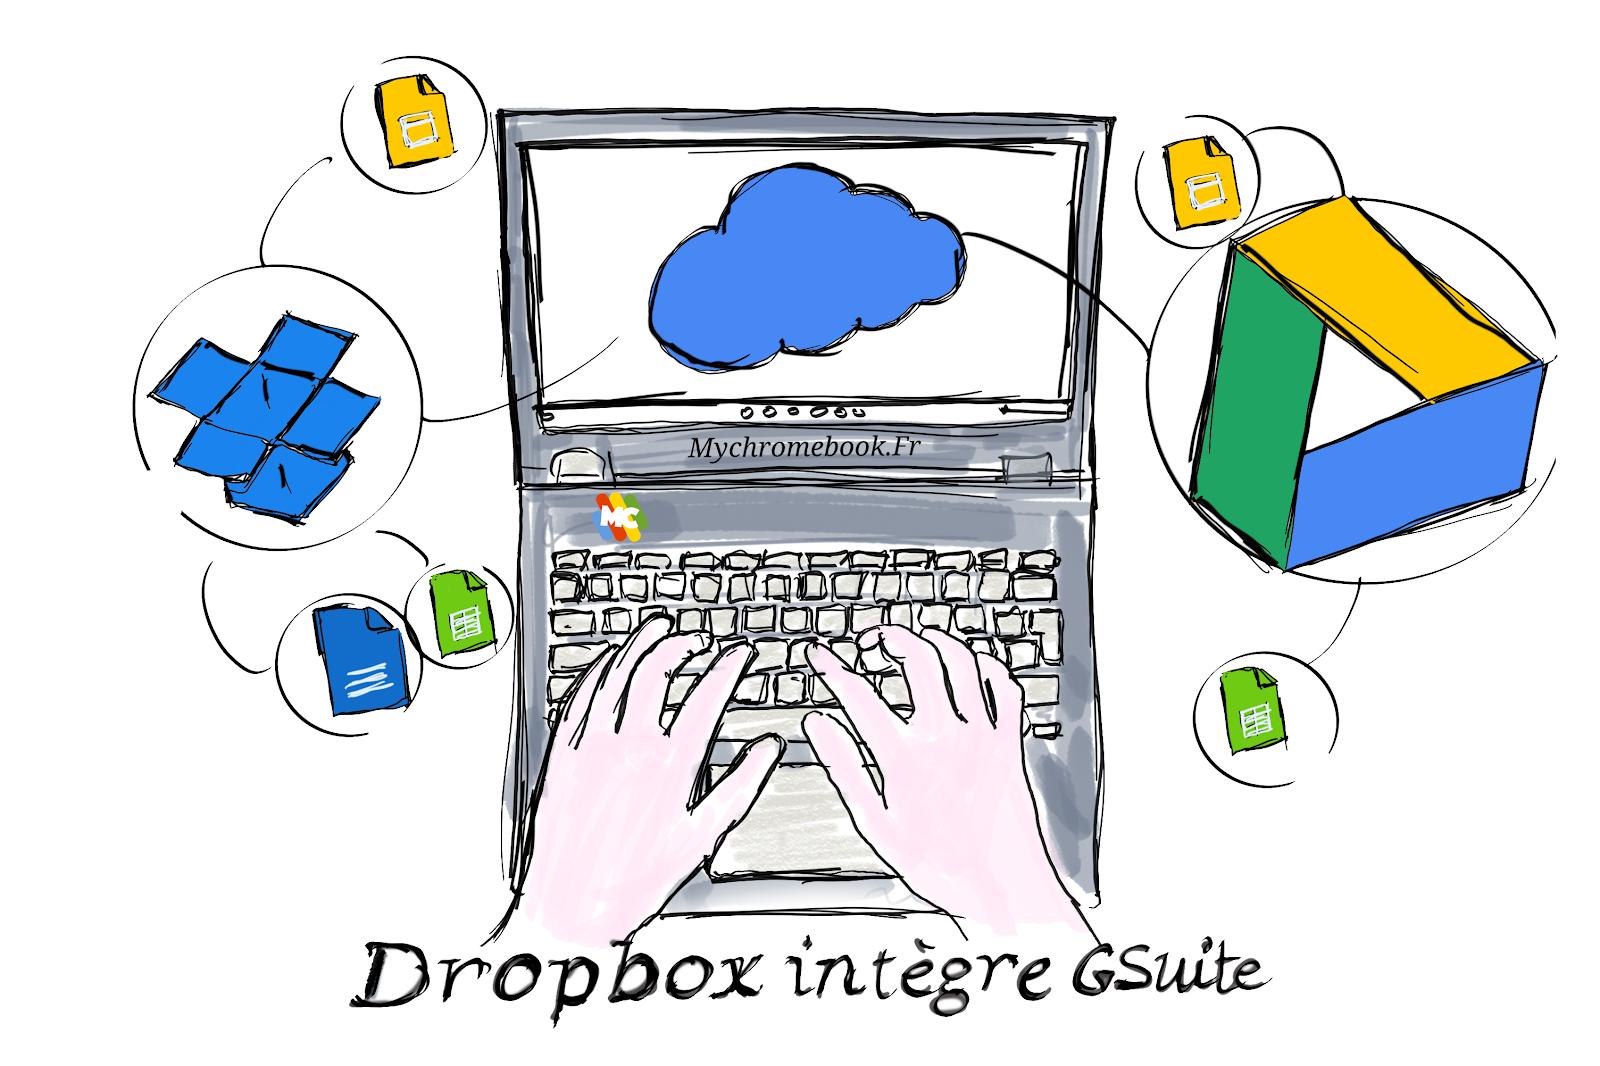 Dropbox intègre Gsuite